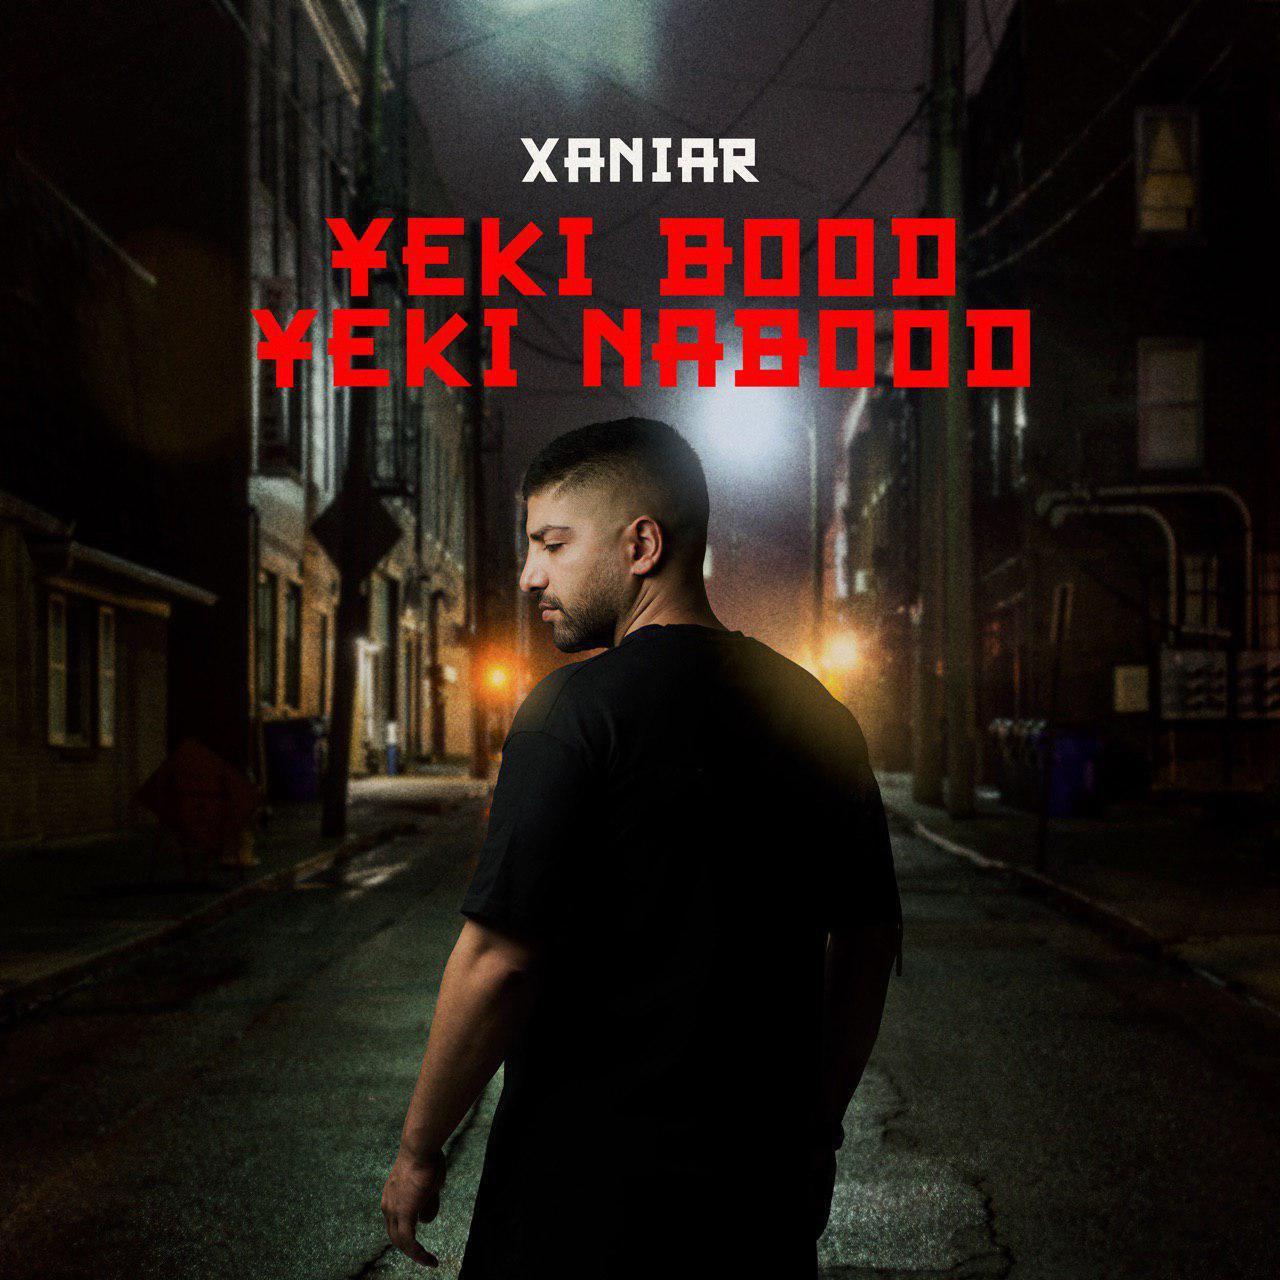 Xaniar – Yeki Bood Yeki Nabood